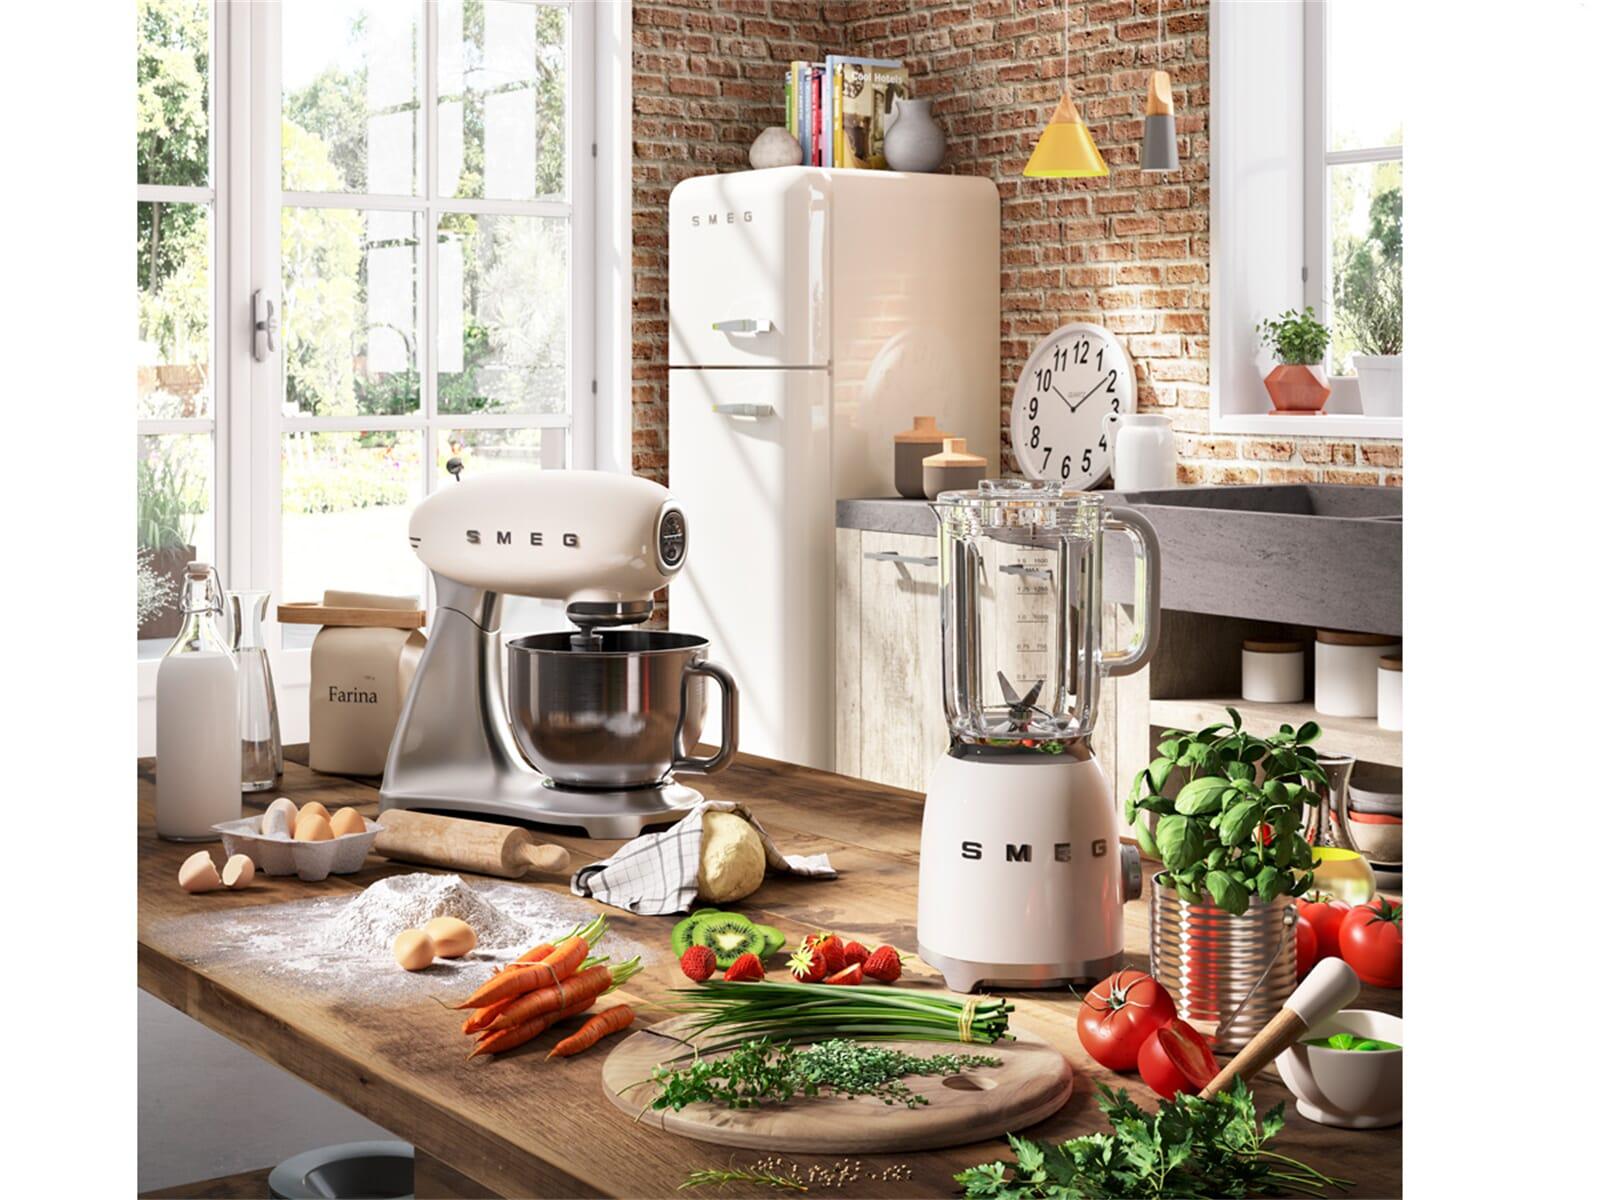 Smeg Kühlschrank Pastelgrün : Smeg smf creu küchenmaschine creme